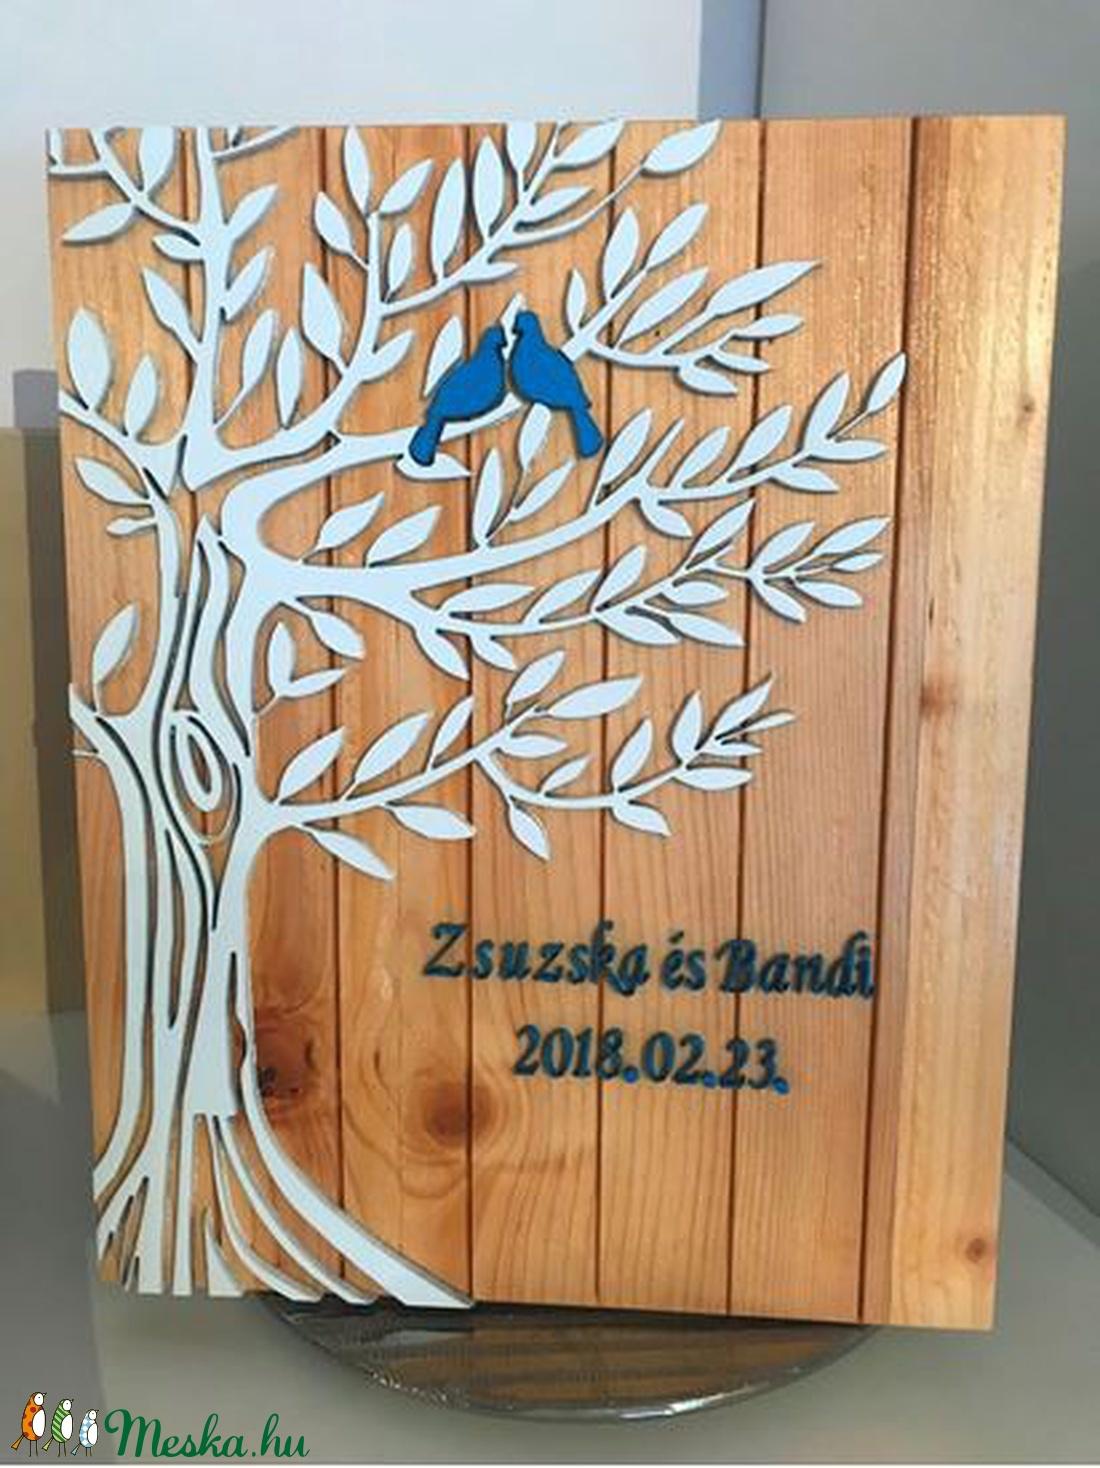 Nászajándék-a boldogság kék madara kép (3Dfamuves) - Meska.hu